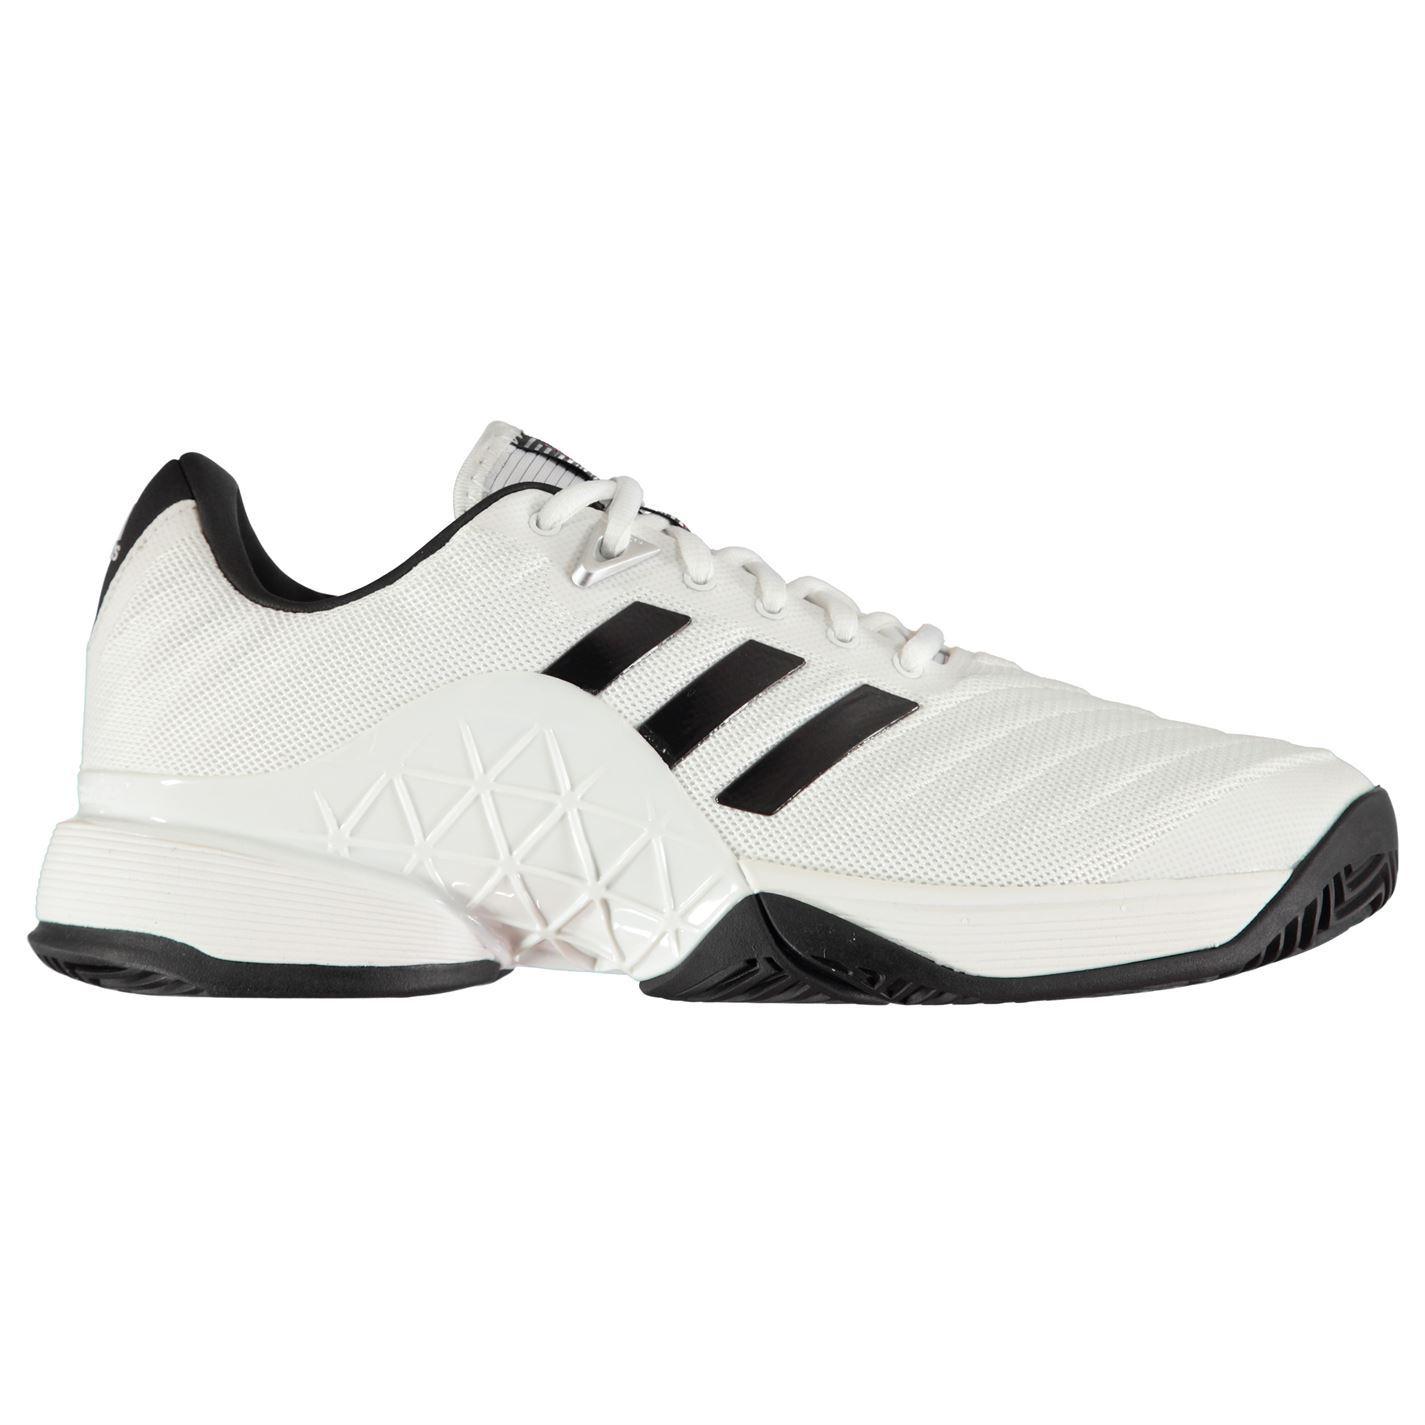 Adidas pour homme Barricade 2018 All Court Chaussures de tennis à lacets Respirant Maille Haut-